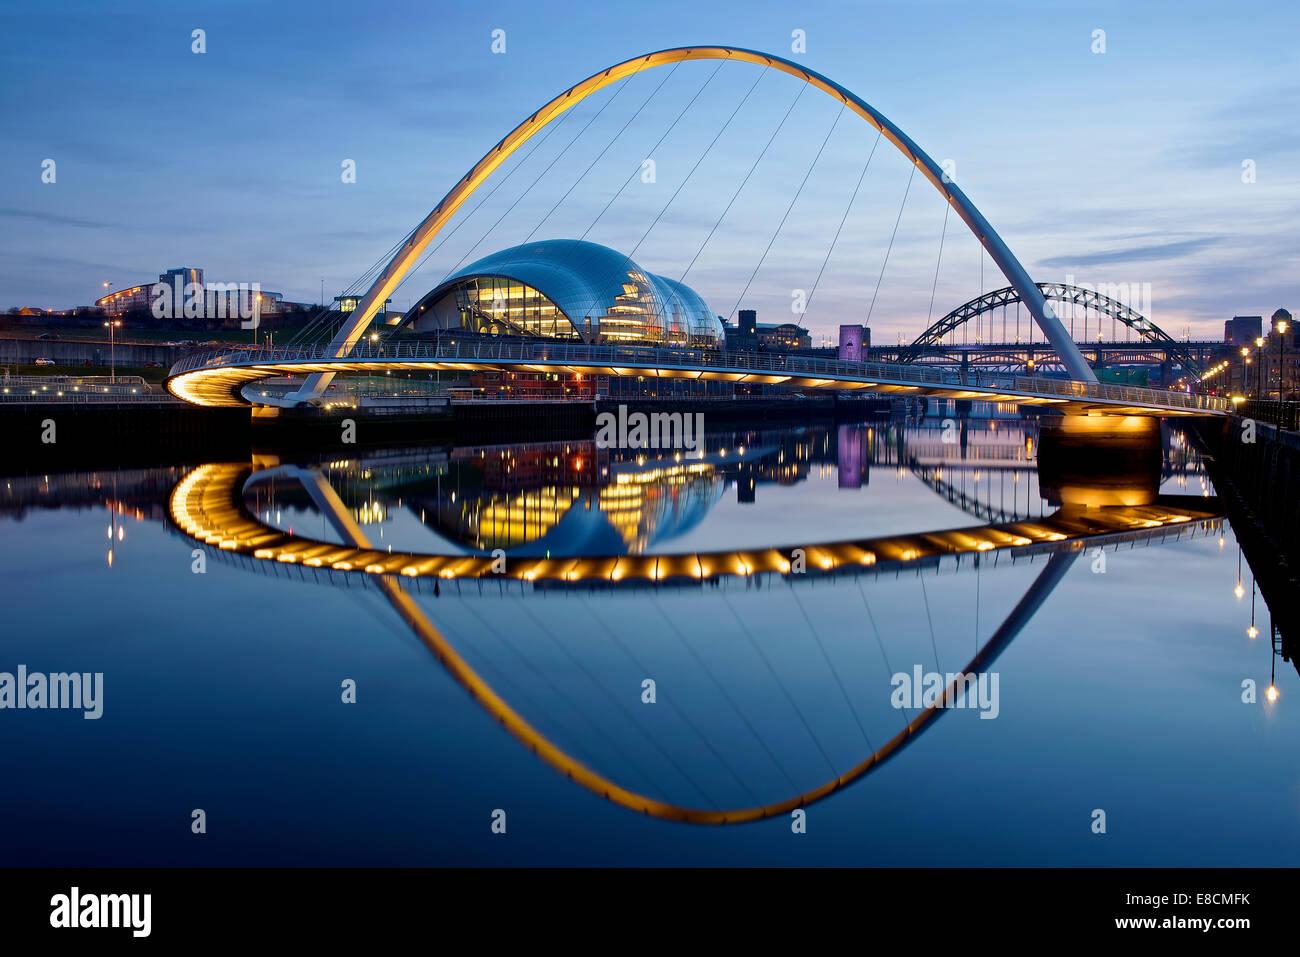 Millennium Bridge - Stock Image